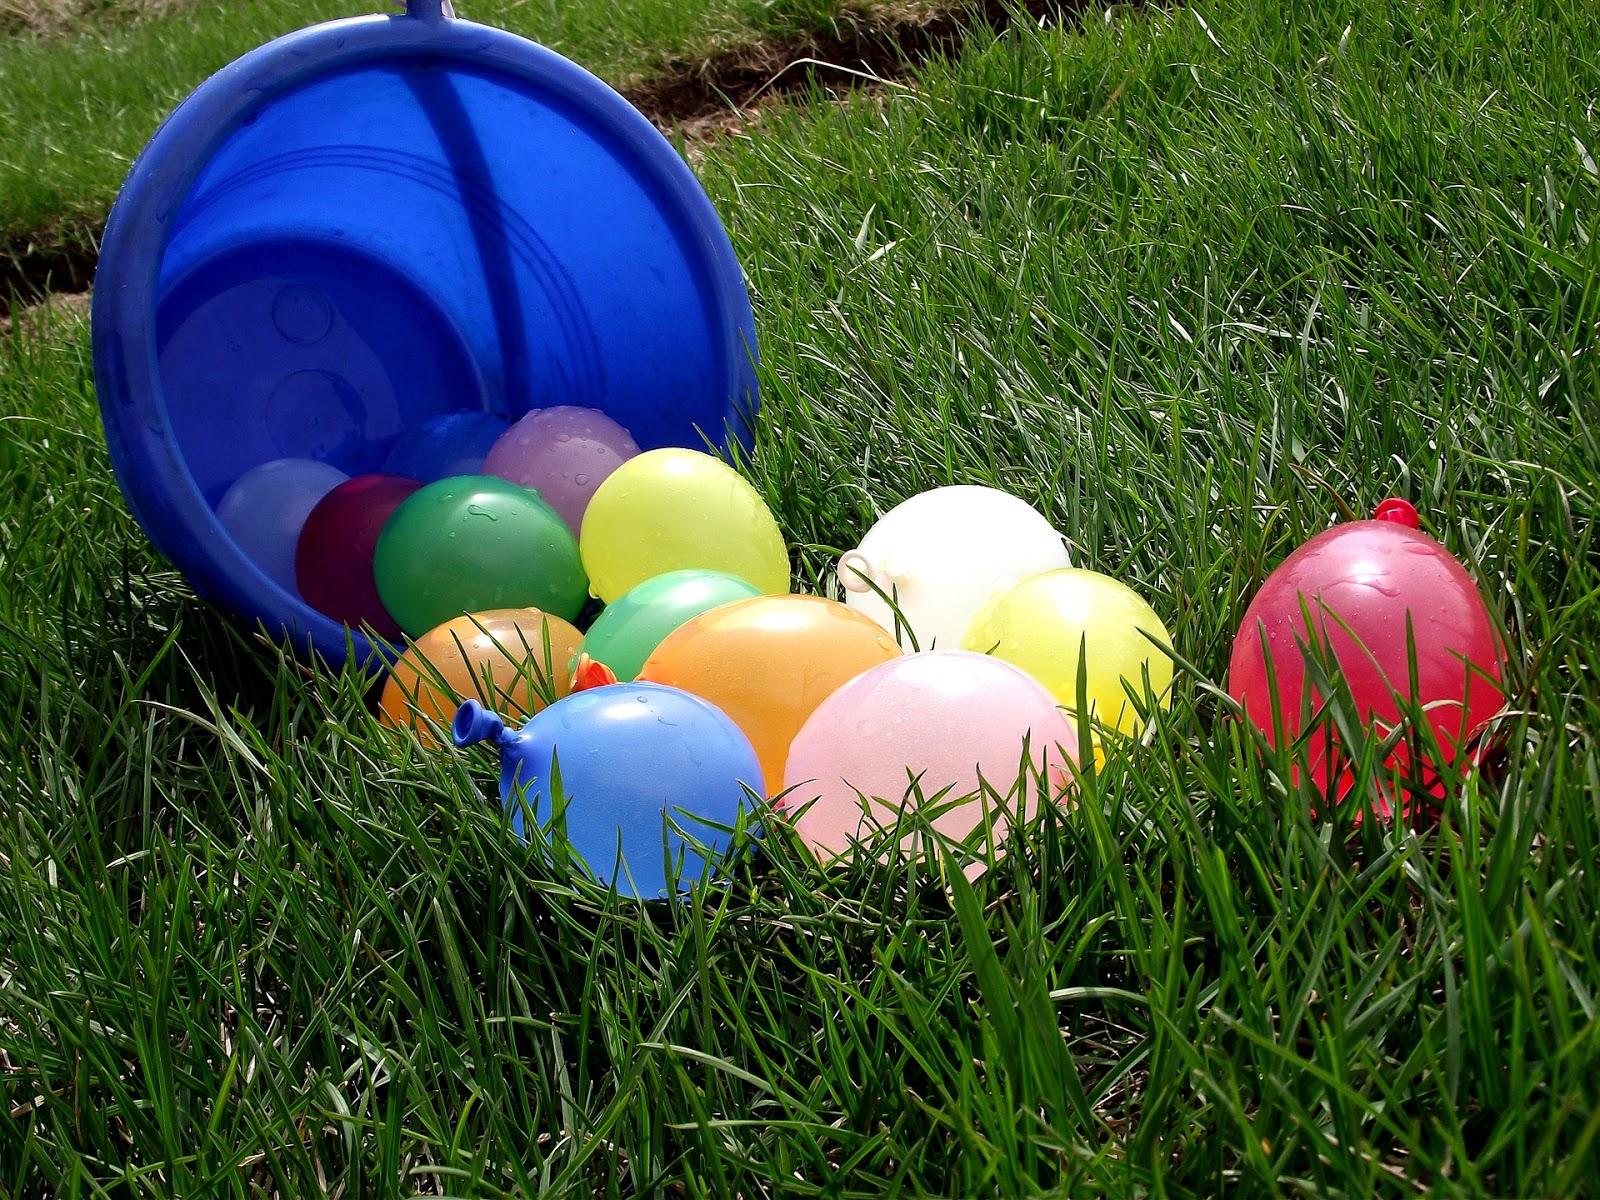 Famoso Giochi d'acqua per i bambini piccoli - Mamma Today - una mamma di oggi BM23